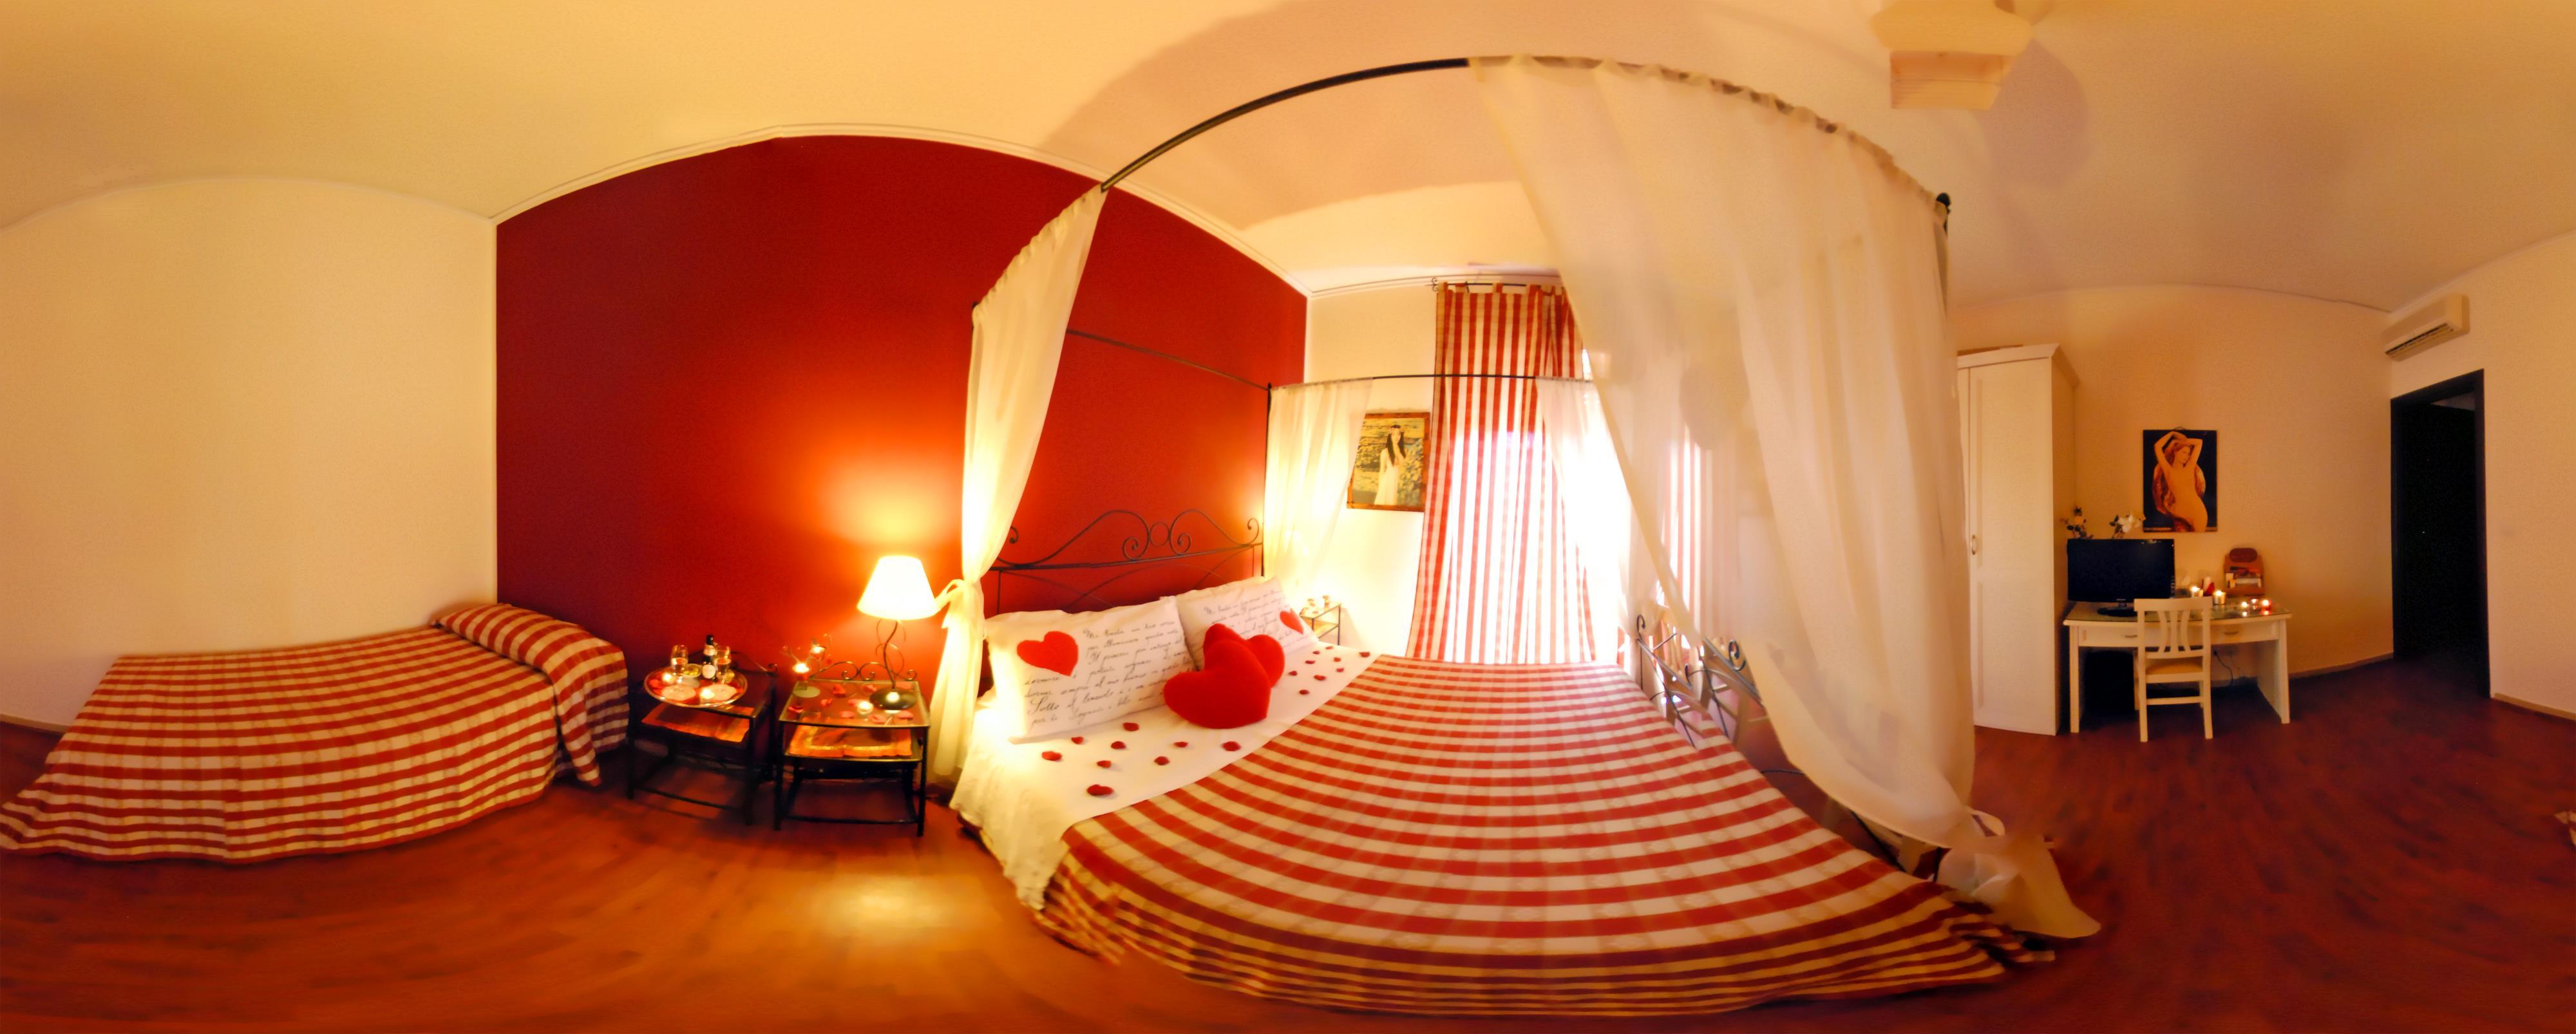 Offerta Camera Romantica Coppie Letto baldacchino e cabina benessere doccia idromassaggio - Casa ...